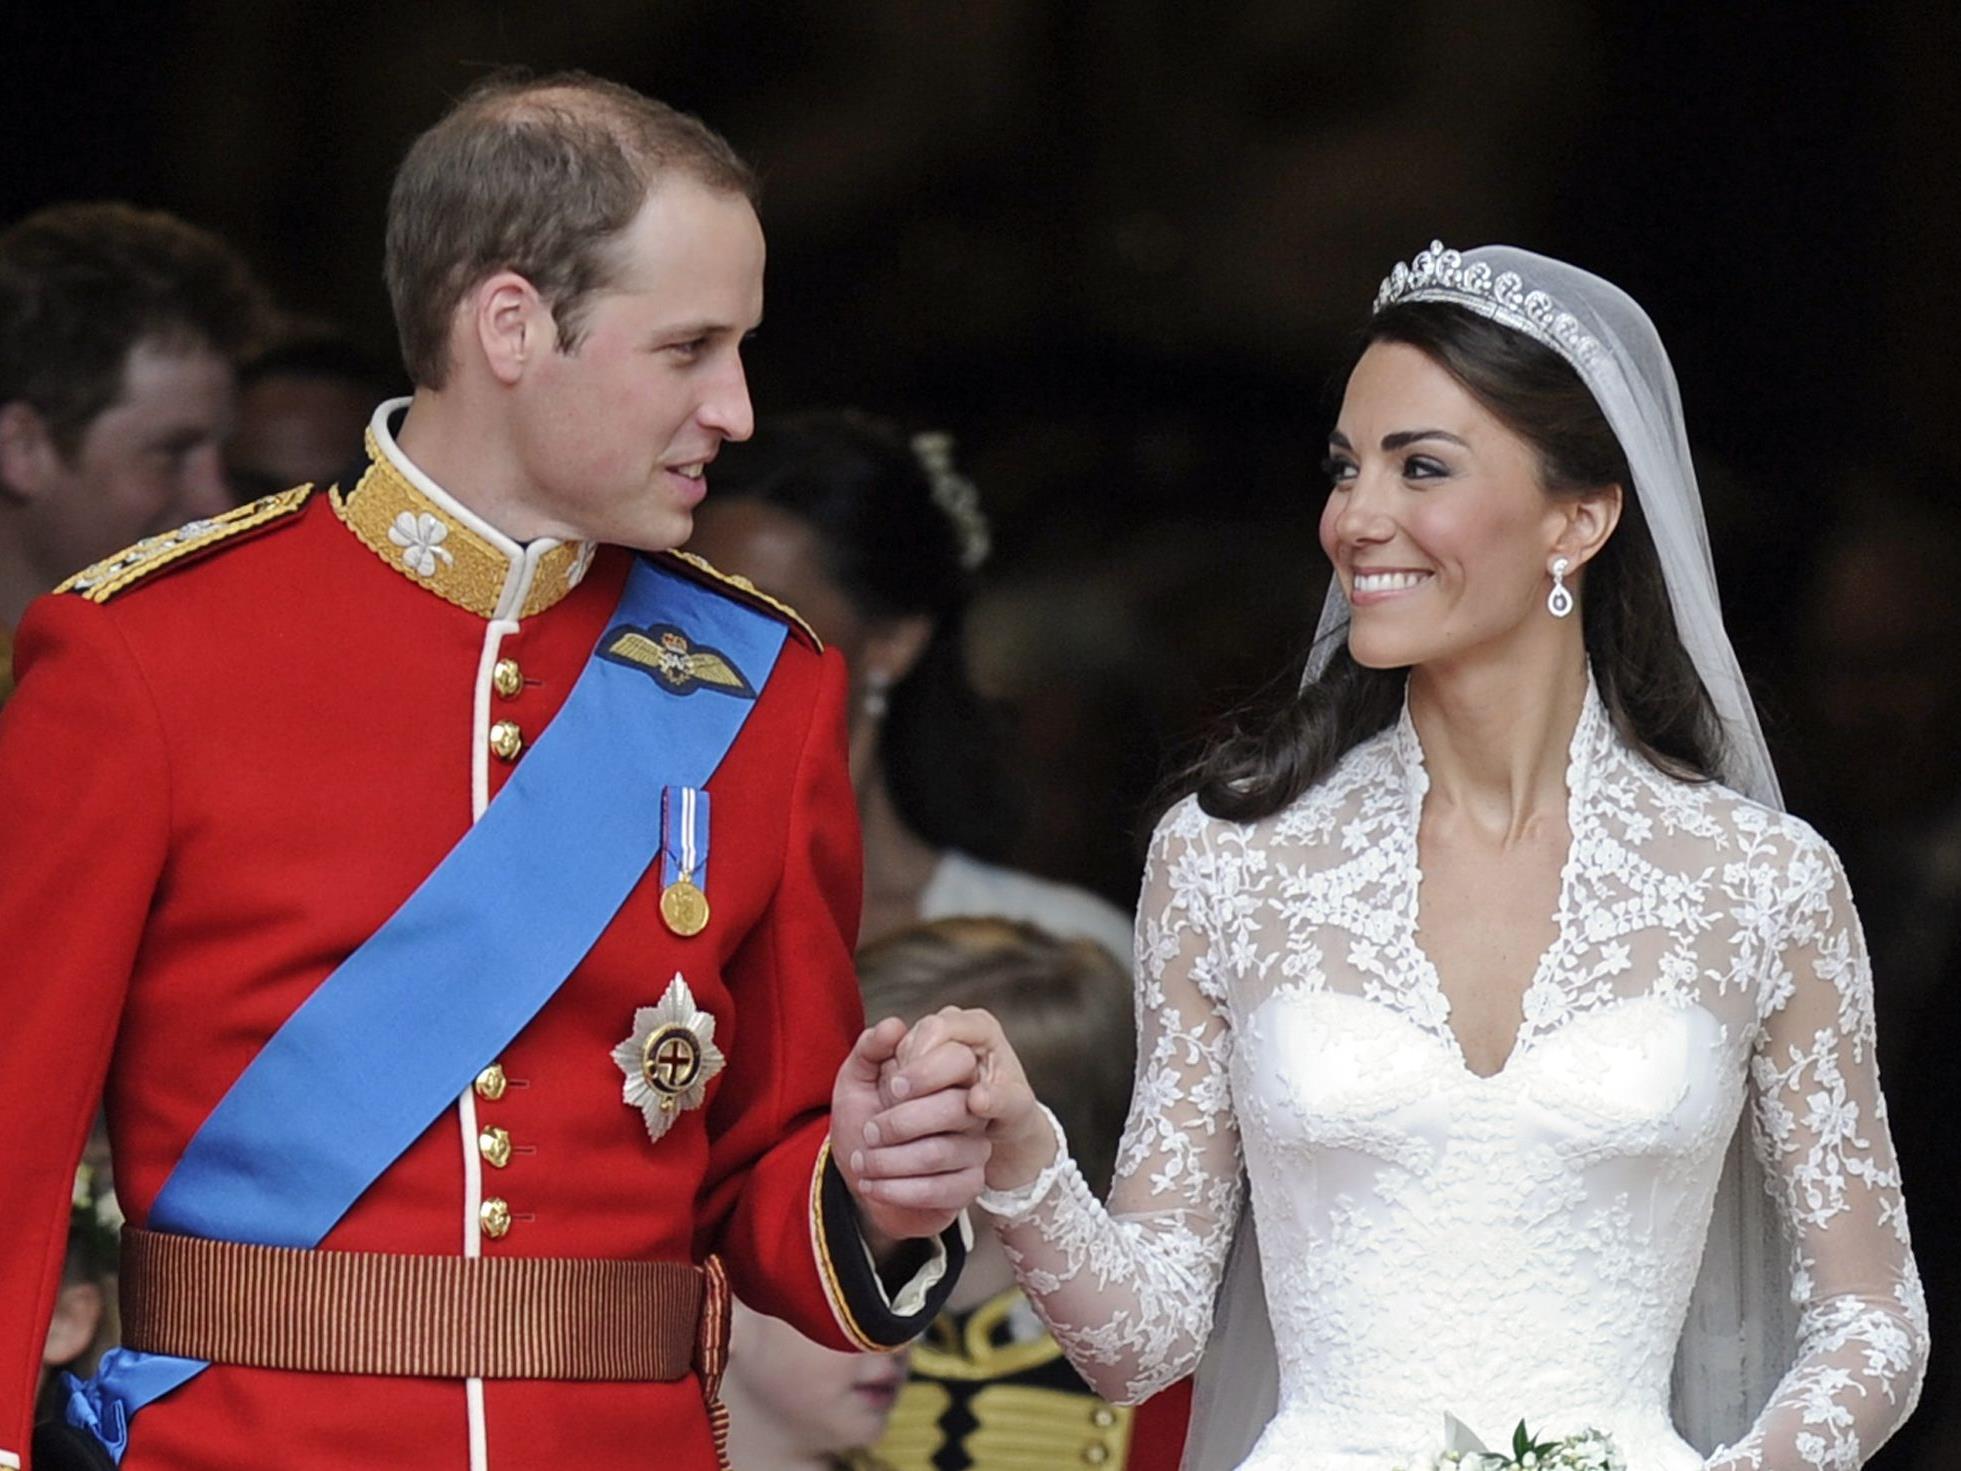 William und Kate am Tag ihrer Hochzeit 2011.